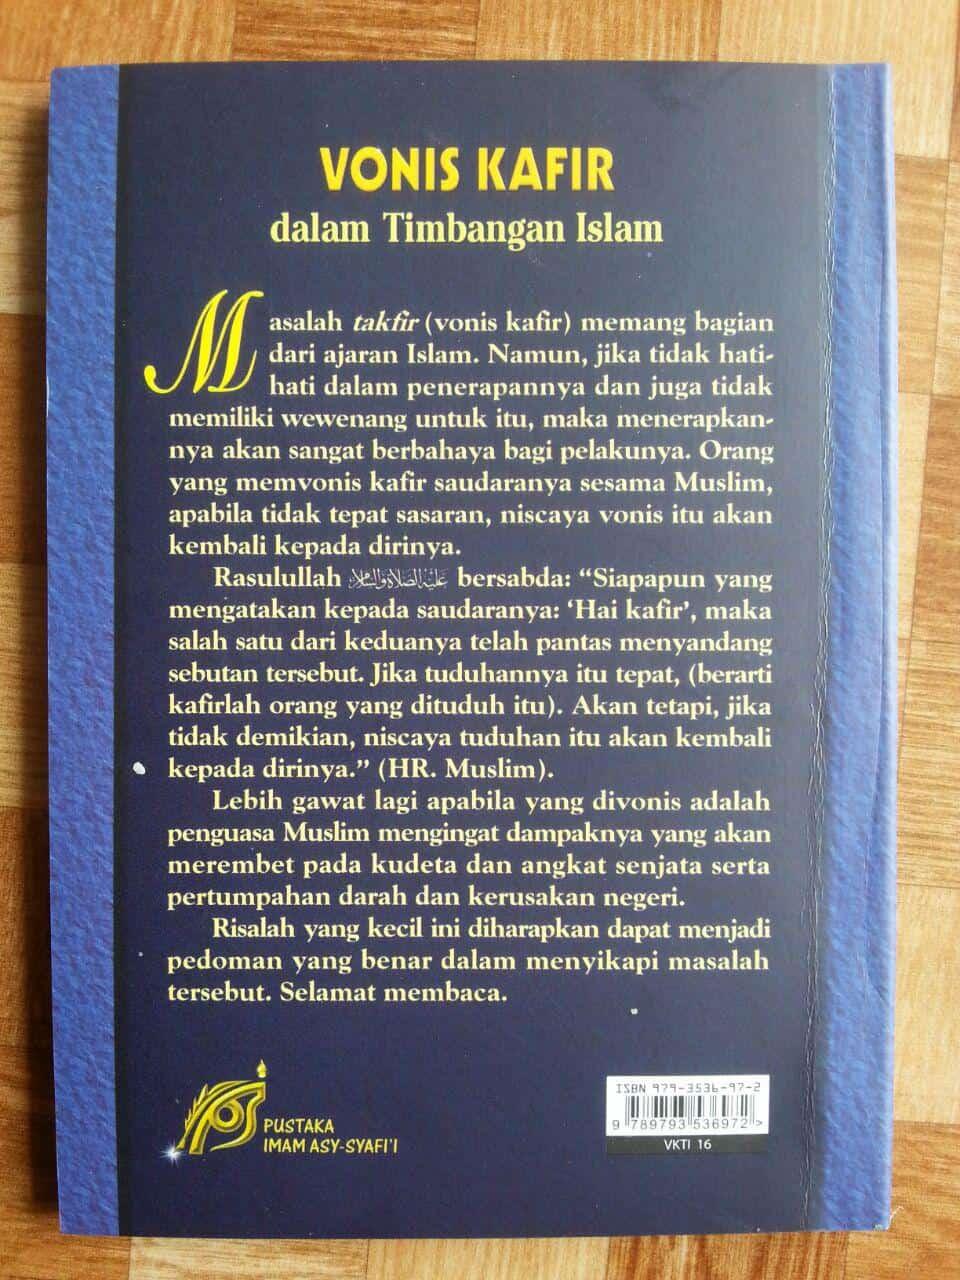 Buku Vonis Kafir Dalam Timbangan Islam cover